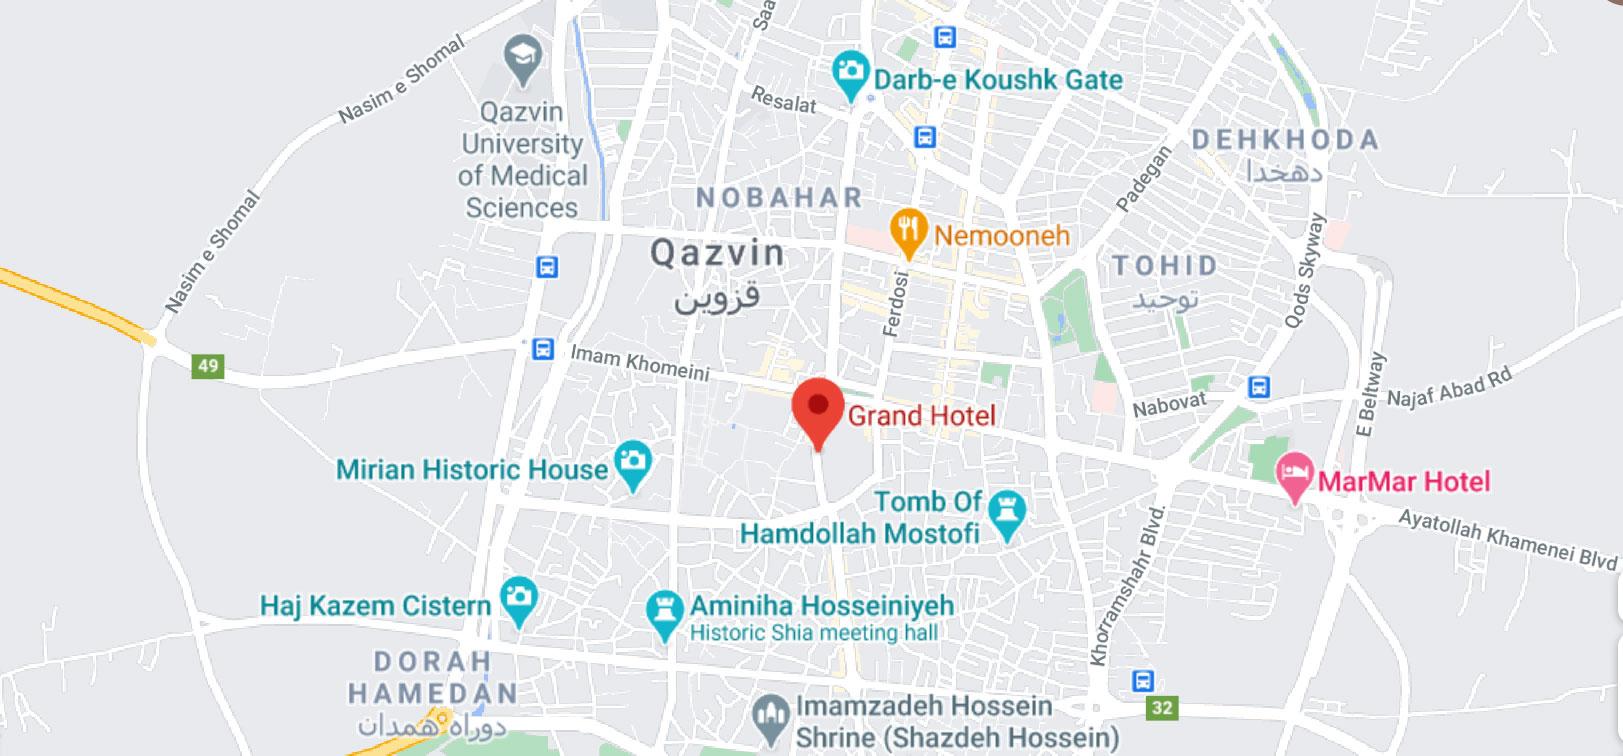 پروژه مرمت و بازسازی گراند هتل قزوین